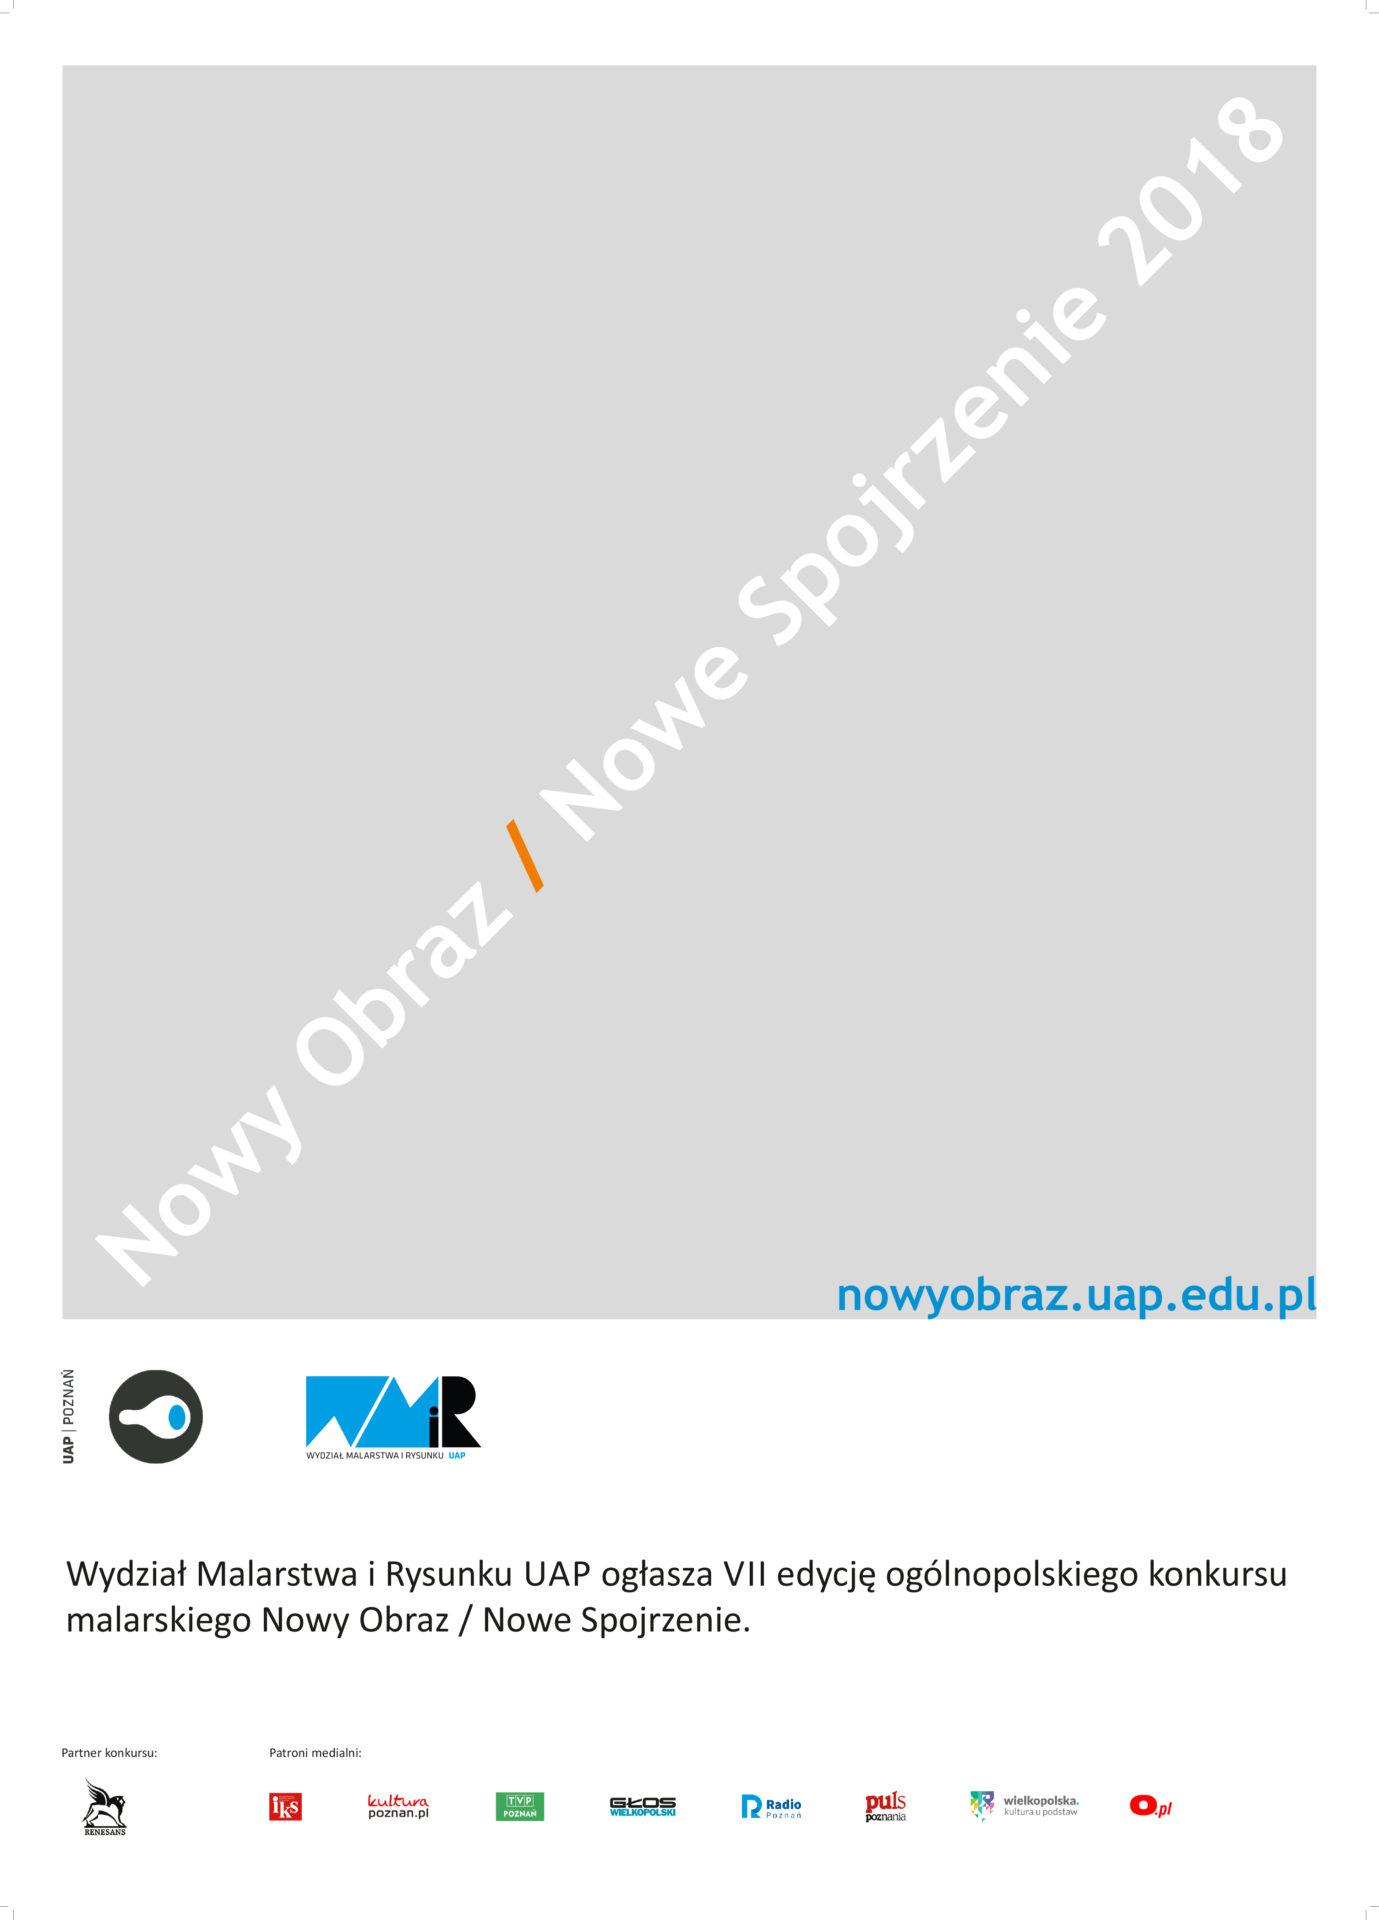 Nowy Obraz / Nowe Spojrzenie (źródło: materiały prasowe organizatora)